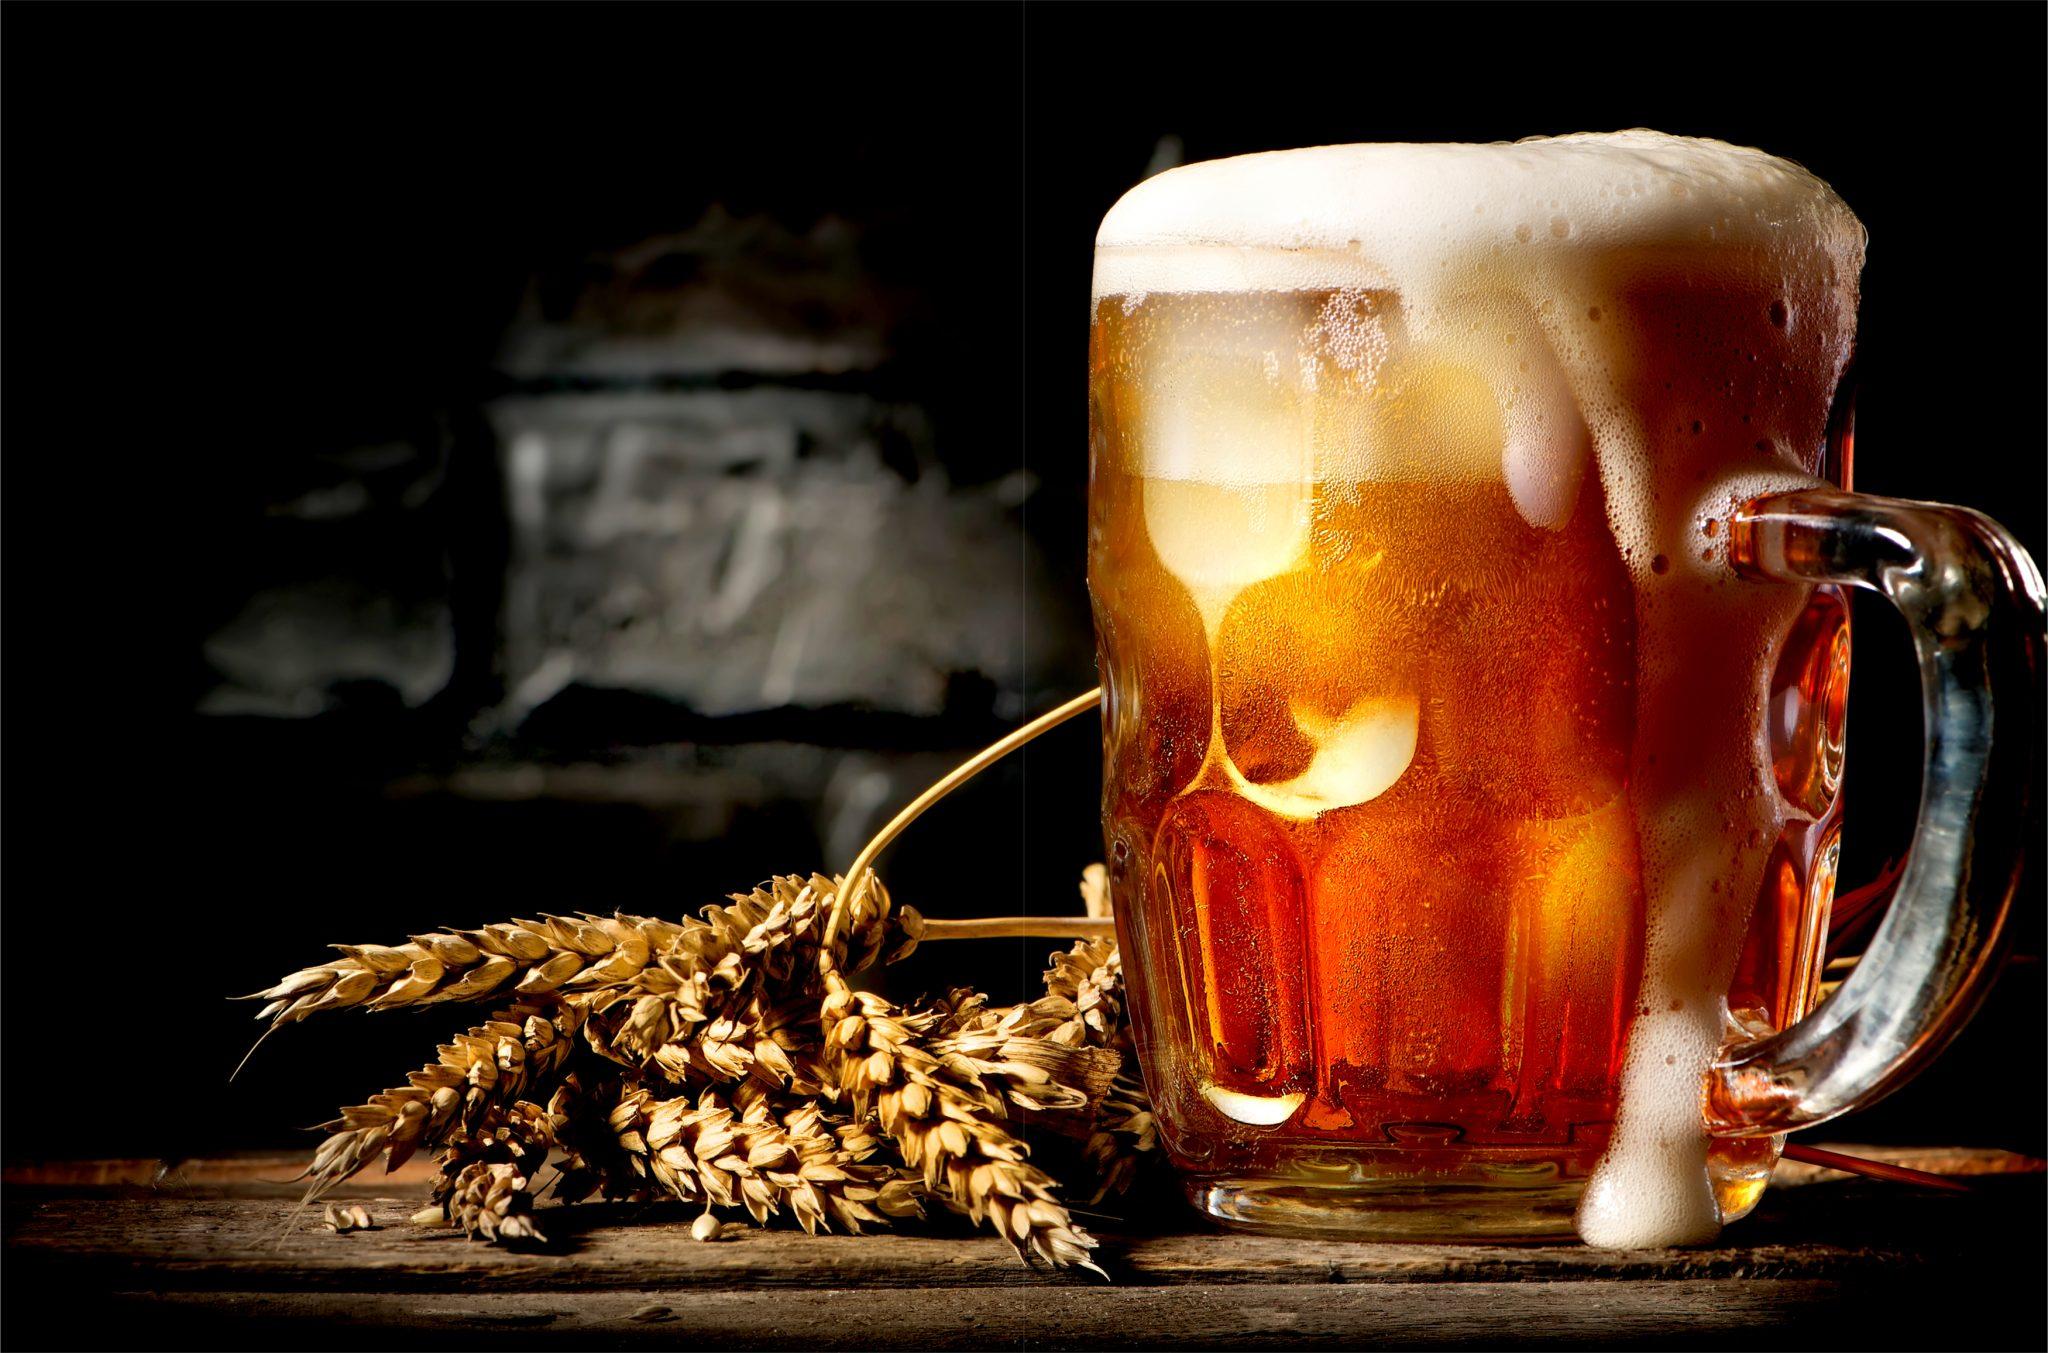 キンキンに冷えたドラフトビール